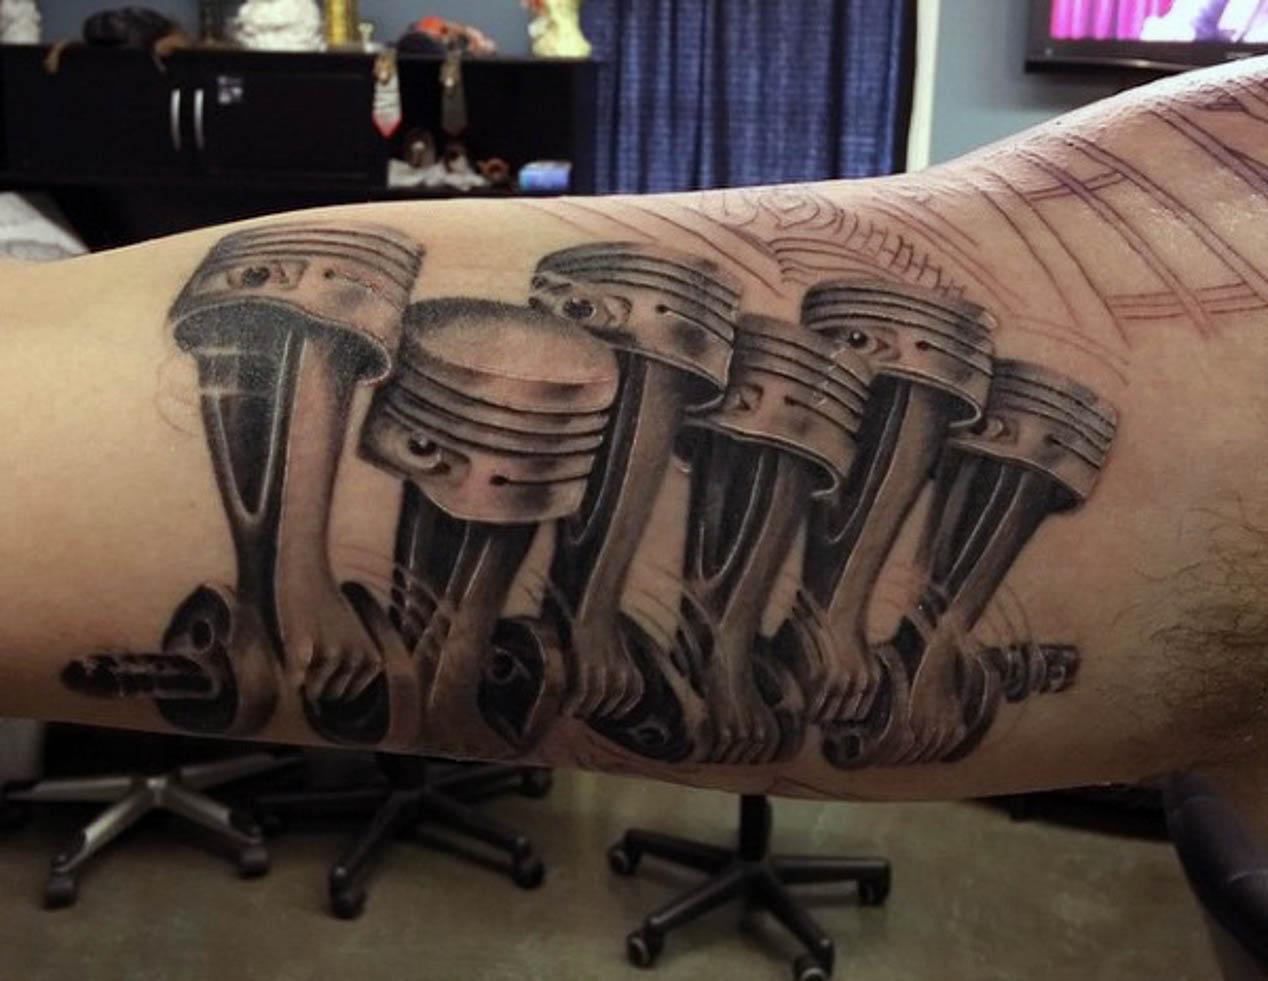 Los Mejores Tatuajes De Coches Arte Y Decoración Autopistaes